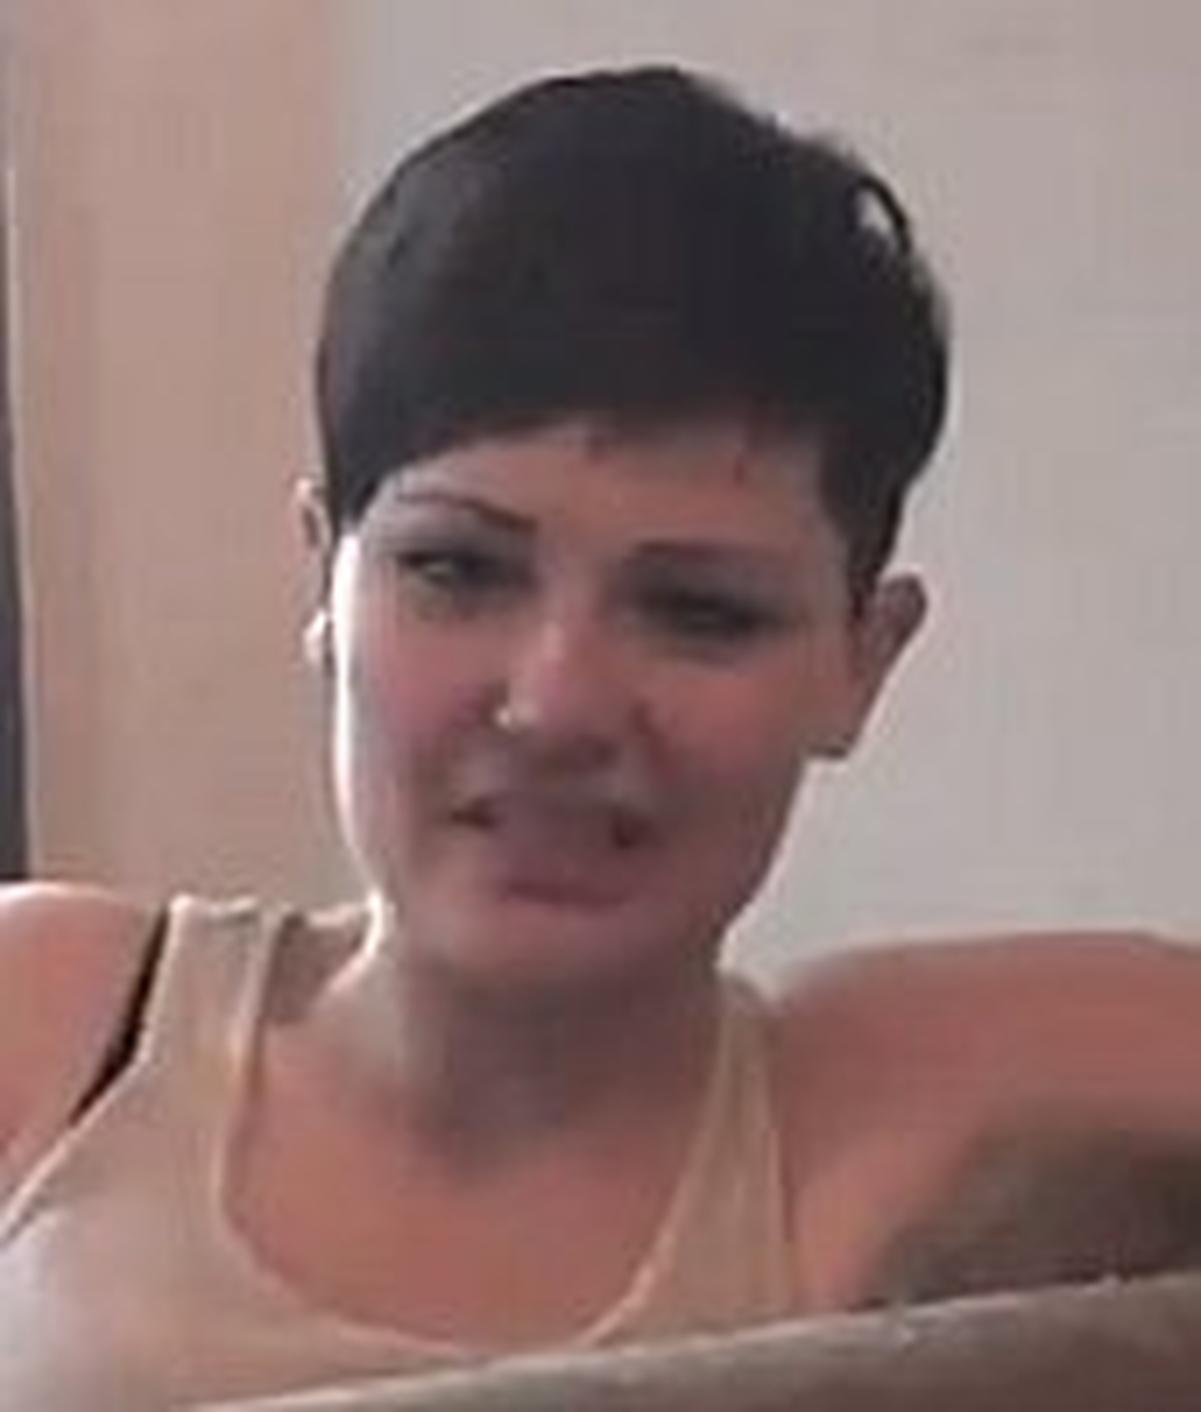 Varina Adams